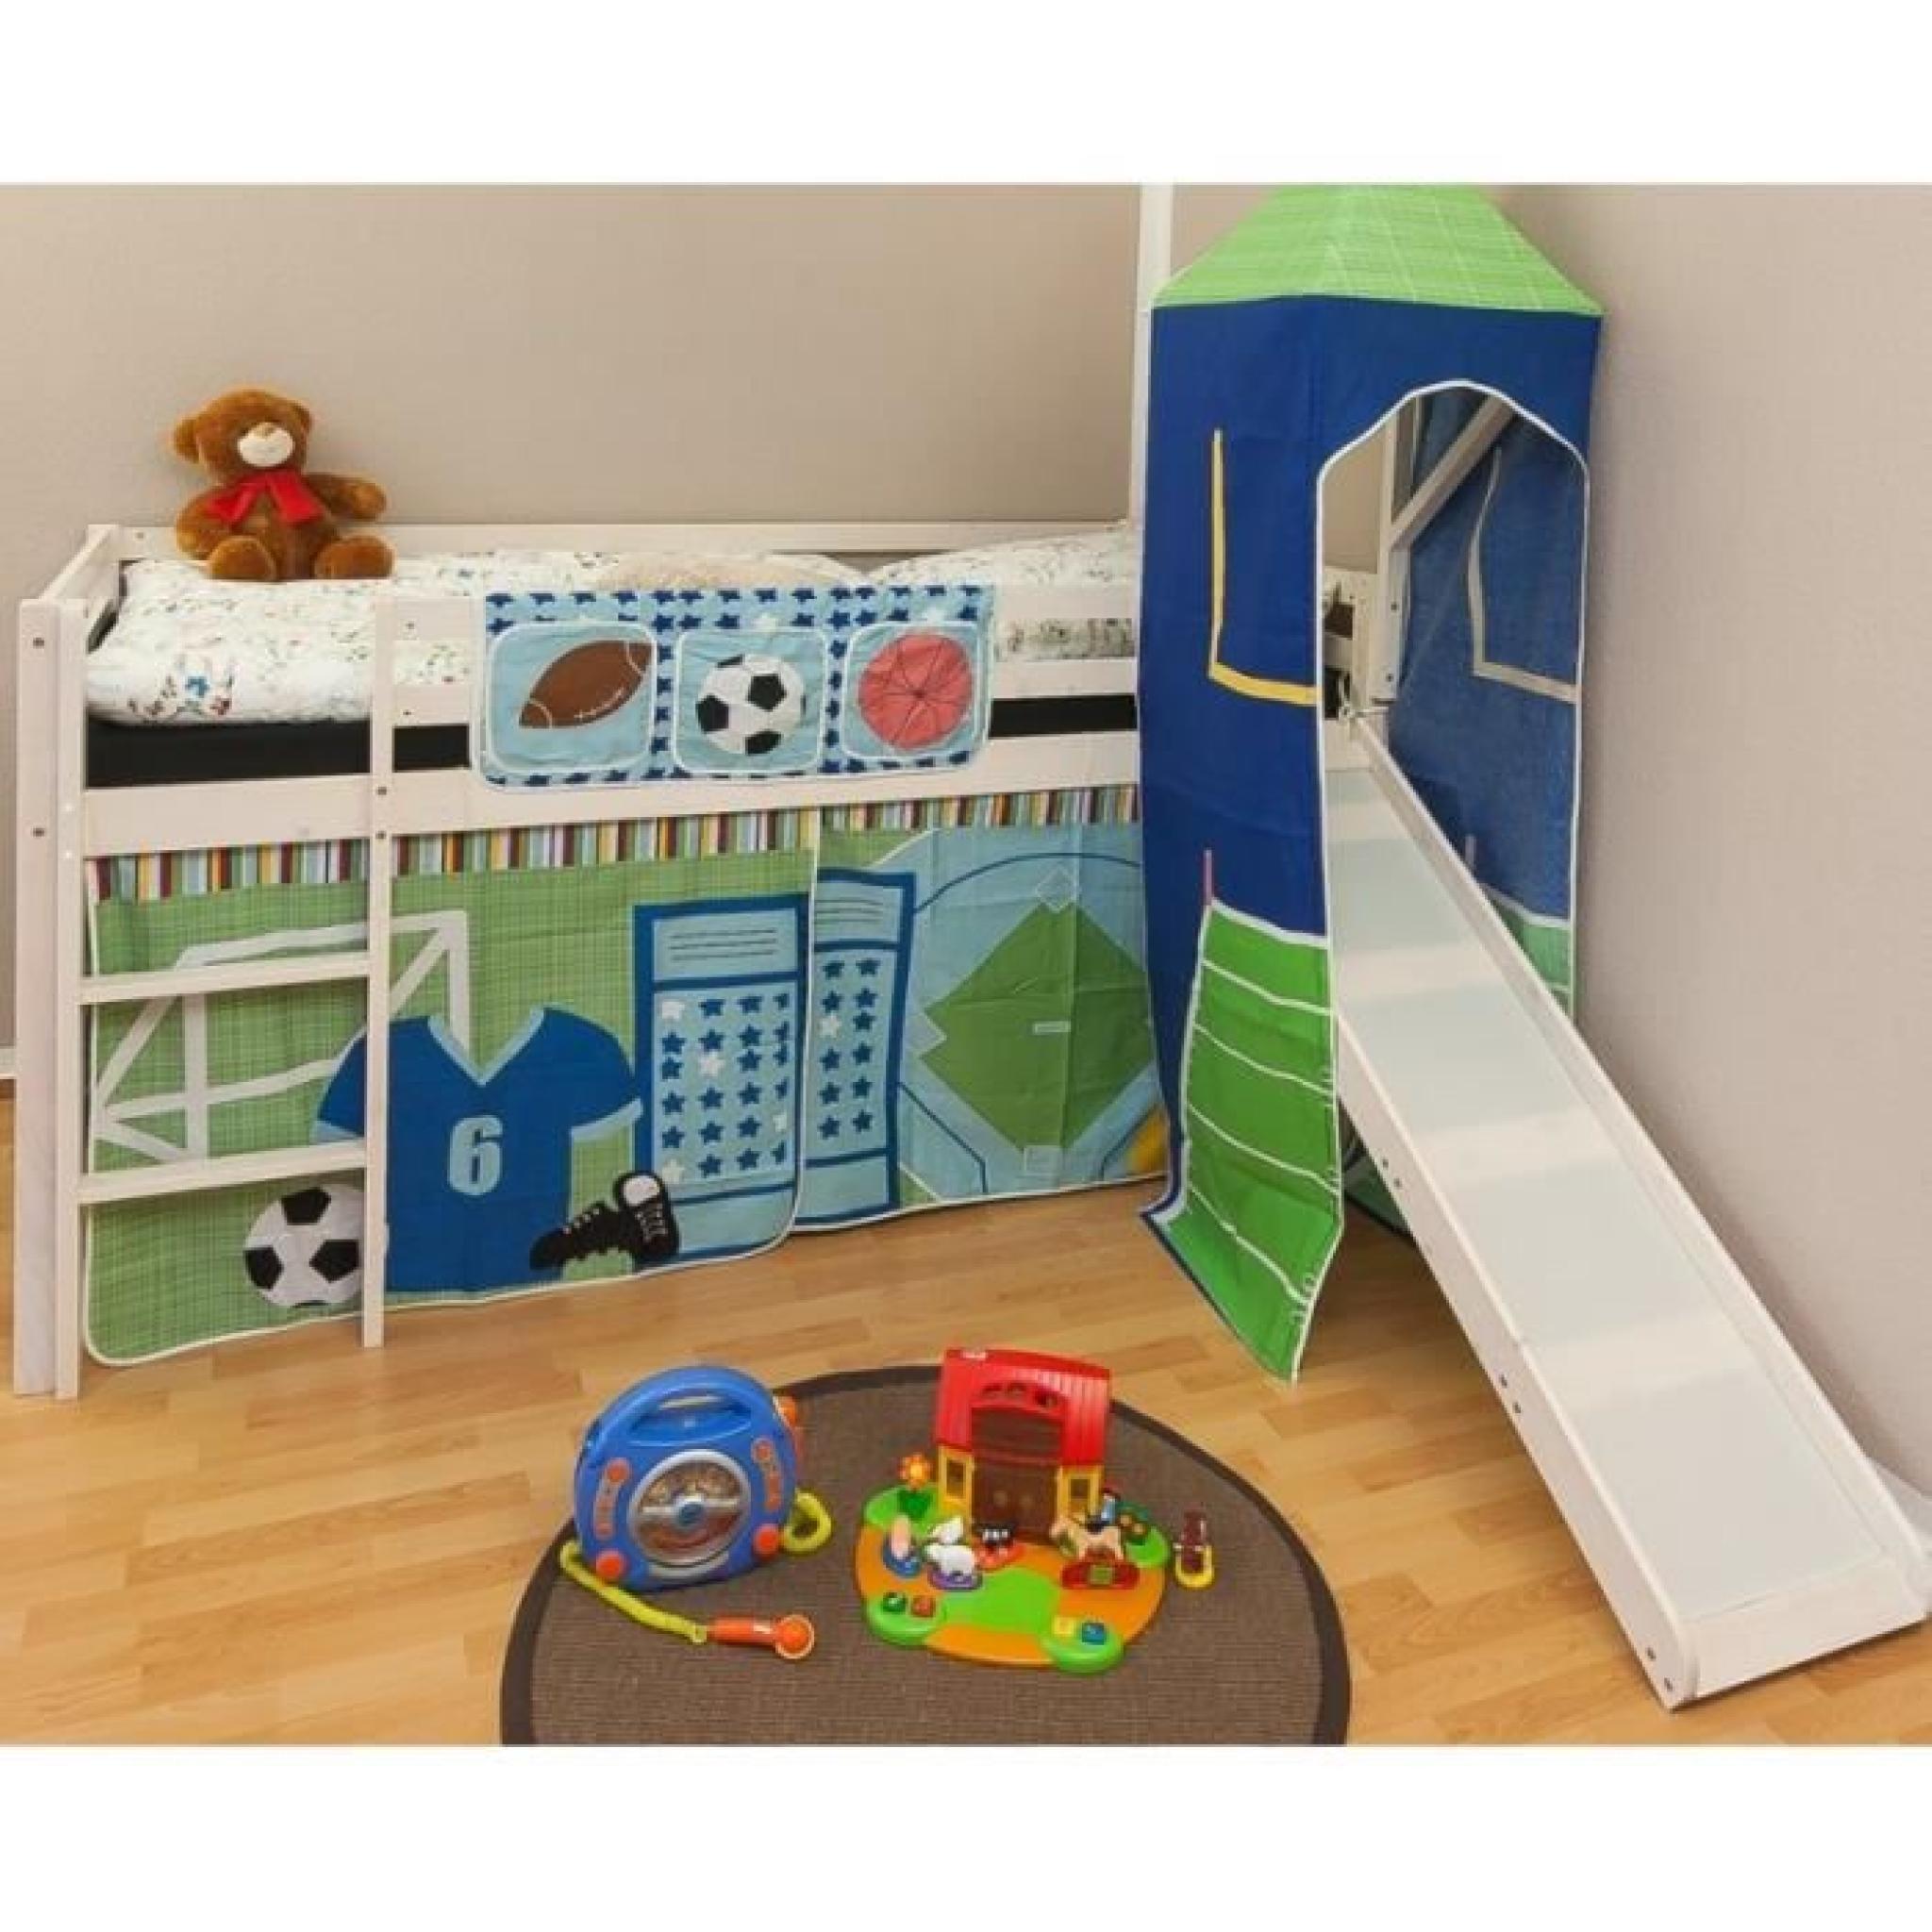 lit mezzanine 90x200cm avec chelle toboggan en bois laqu. Black Bedroom Furniture Sets. Home Design Ideas